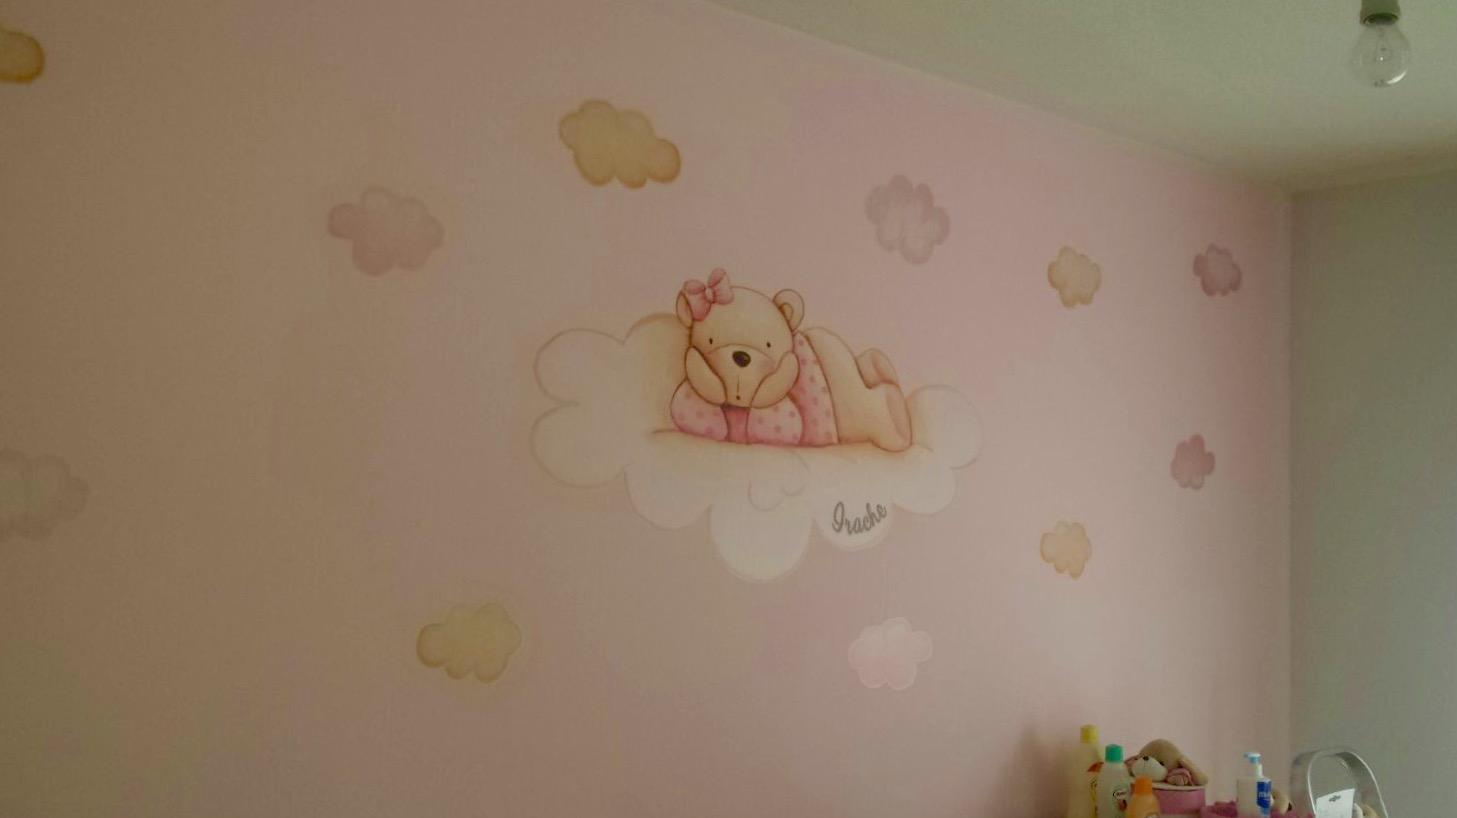 VINILO INFANTIL: Osita en nube y estrellas